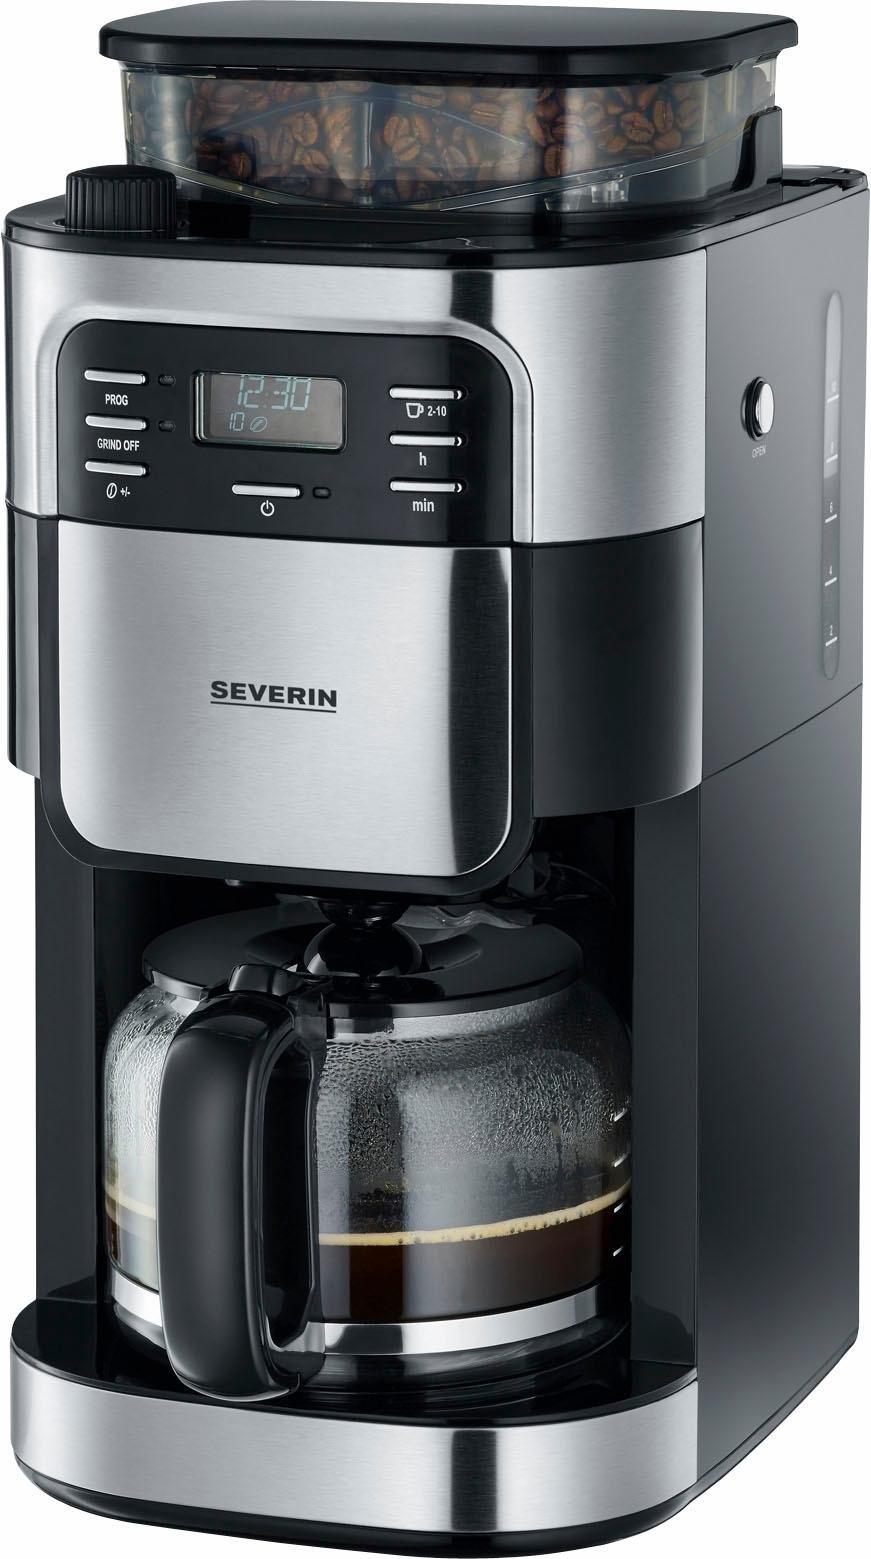 Severin Koffiezetapparaat KA 4810, met glazen kan, eborsteld edelstaal/zwart goedkoop op otto.nl kopen